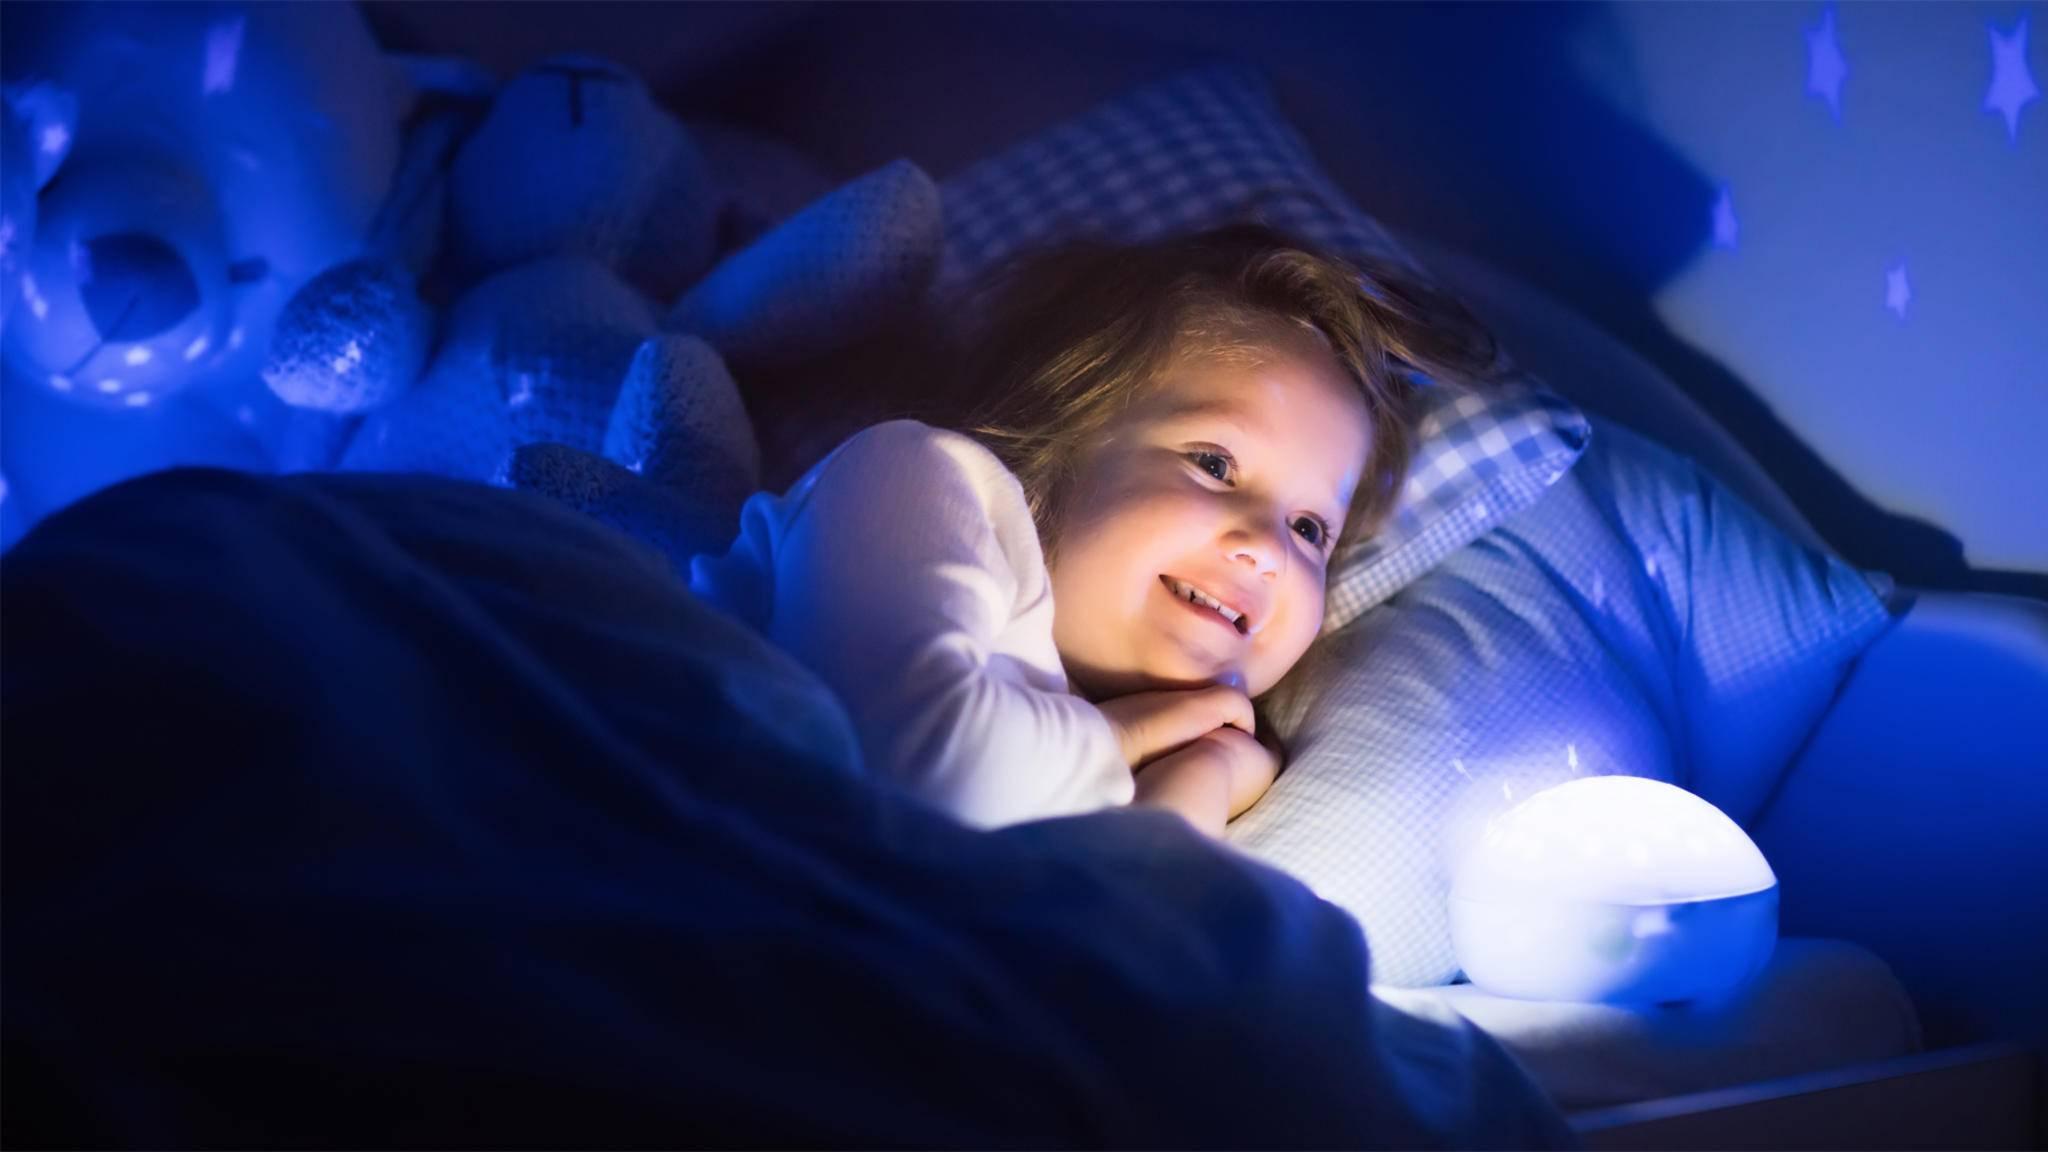 Die Nachtlichter der neuesten Generation können viel mehr als nur leuchten.